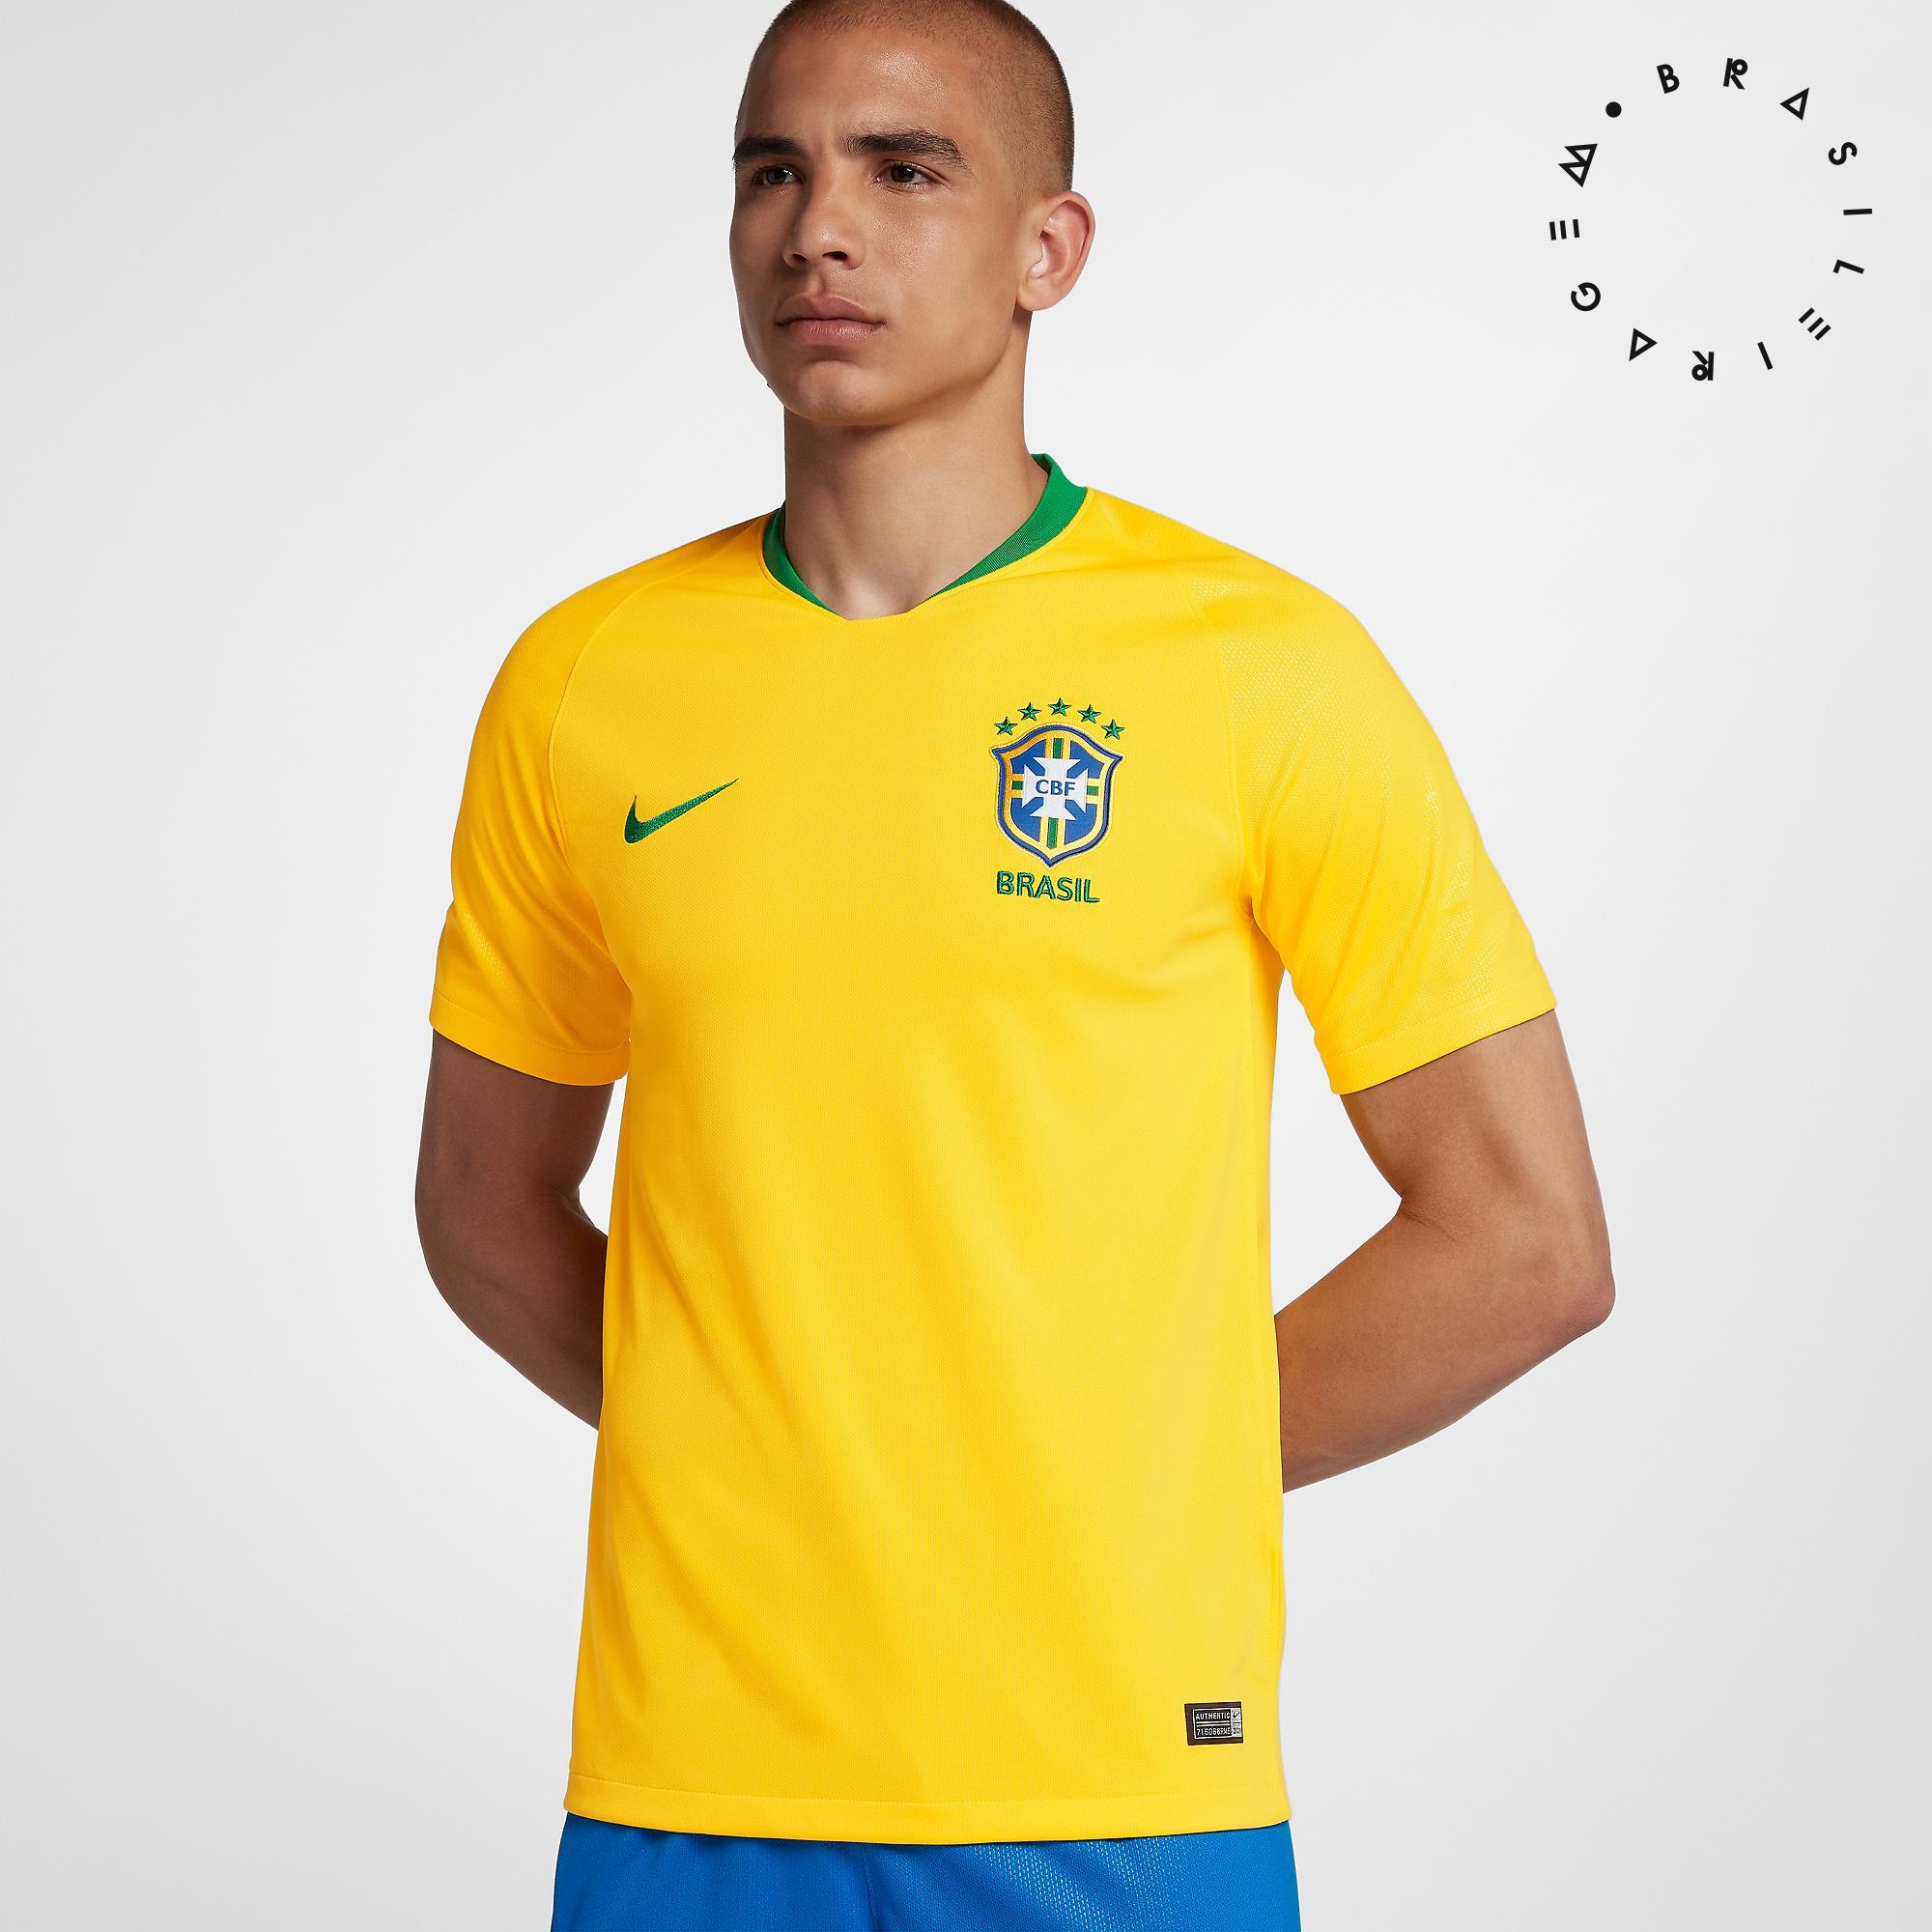 Cupom de desconto - Camisa Nike Brasil I 2018/19 Por R$249,90